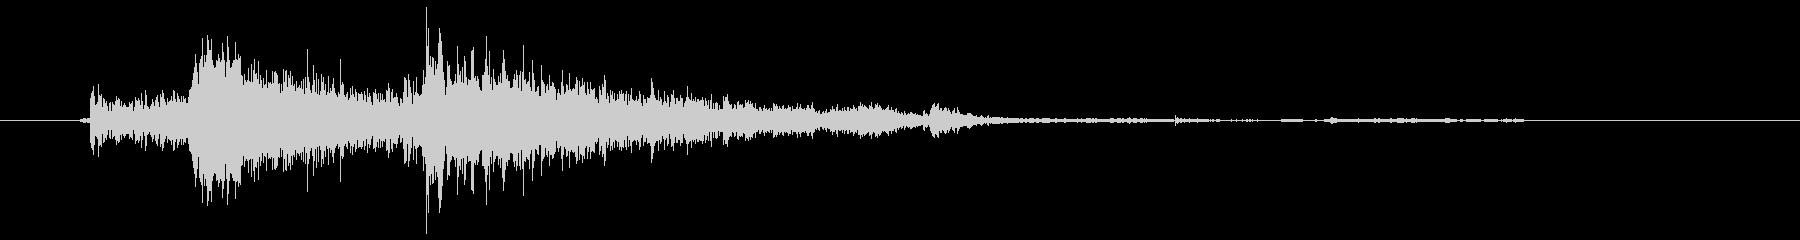 ズドーン (砲弾が建物を破壊する音)の未再生の波形